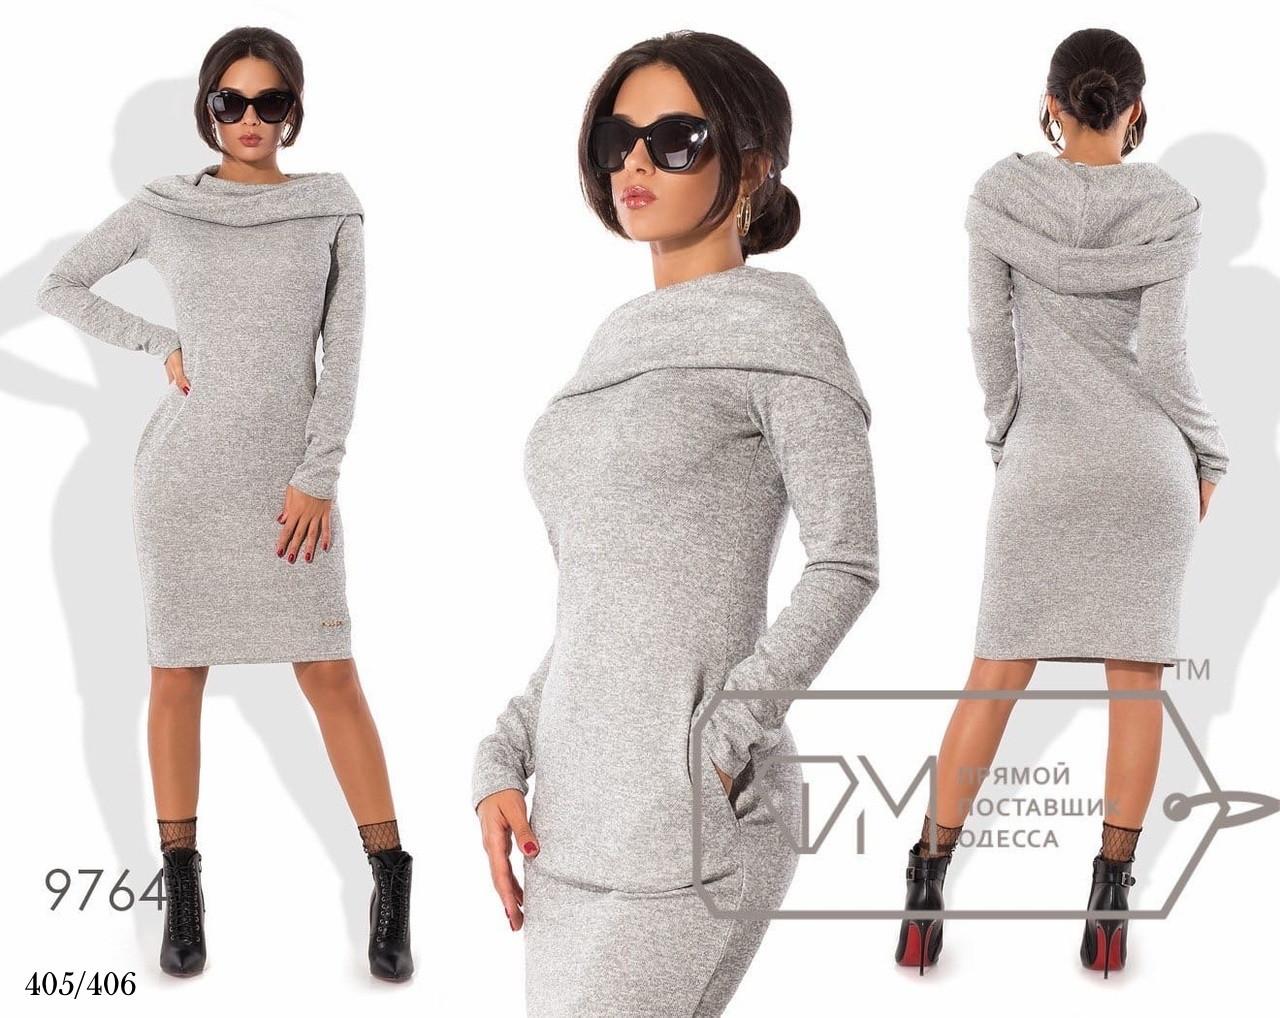 Платье с капюшоном облегающее с карманами ангора софт 42,44,46,48,50,52,54